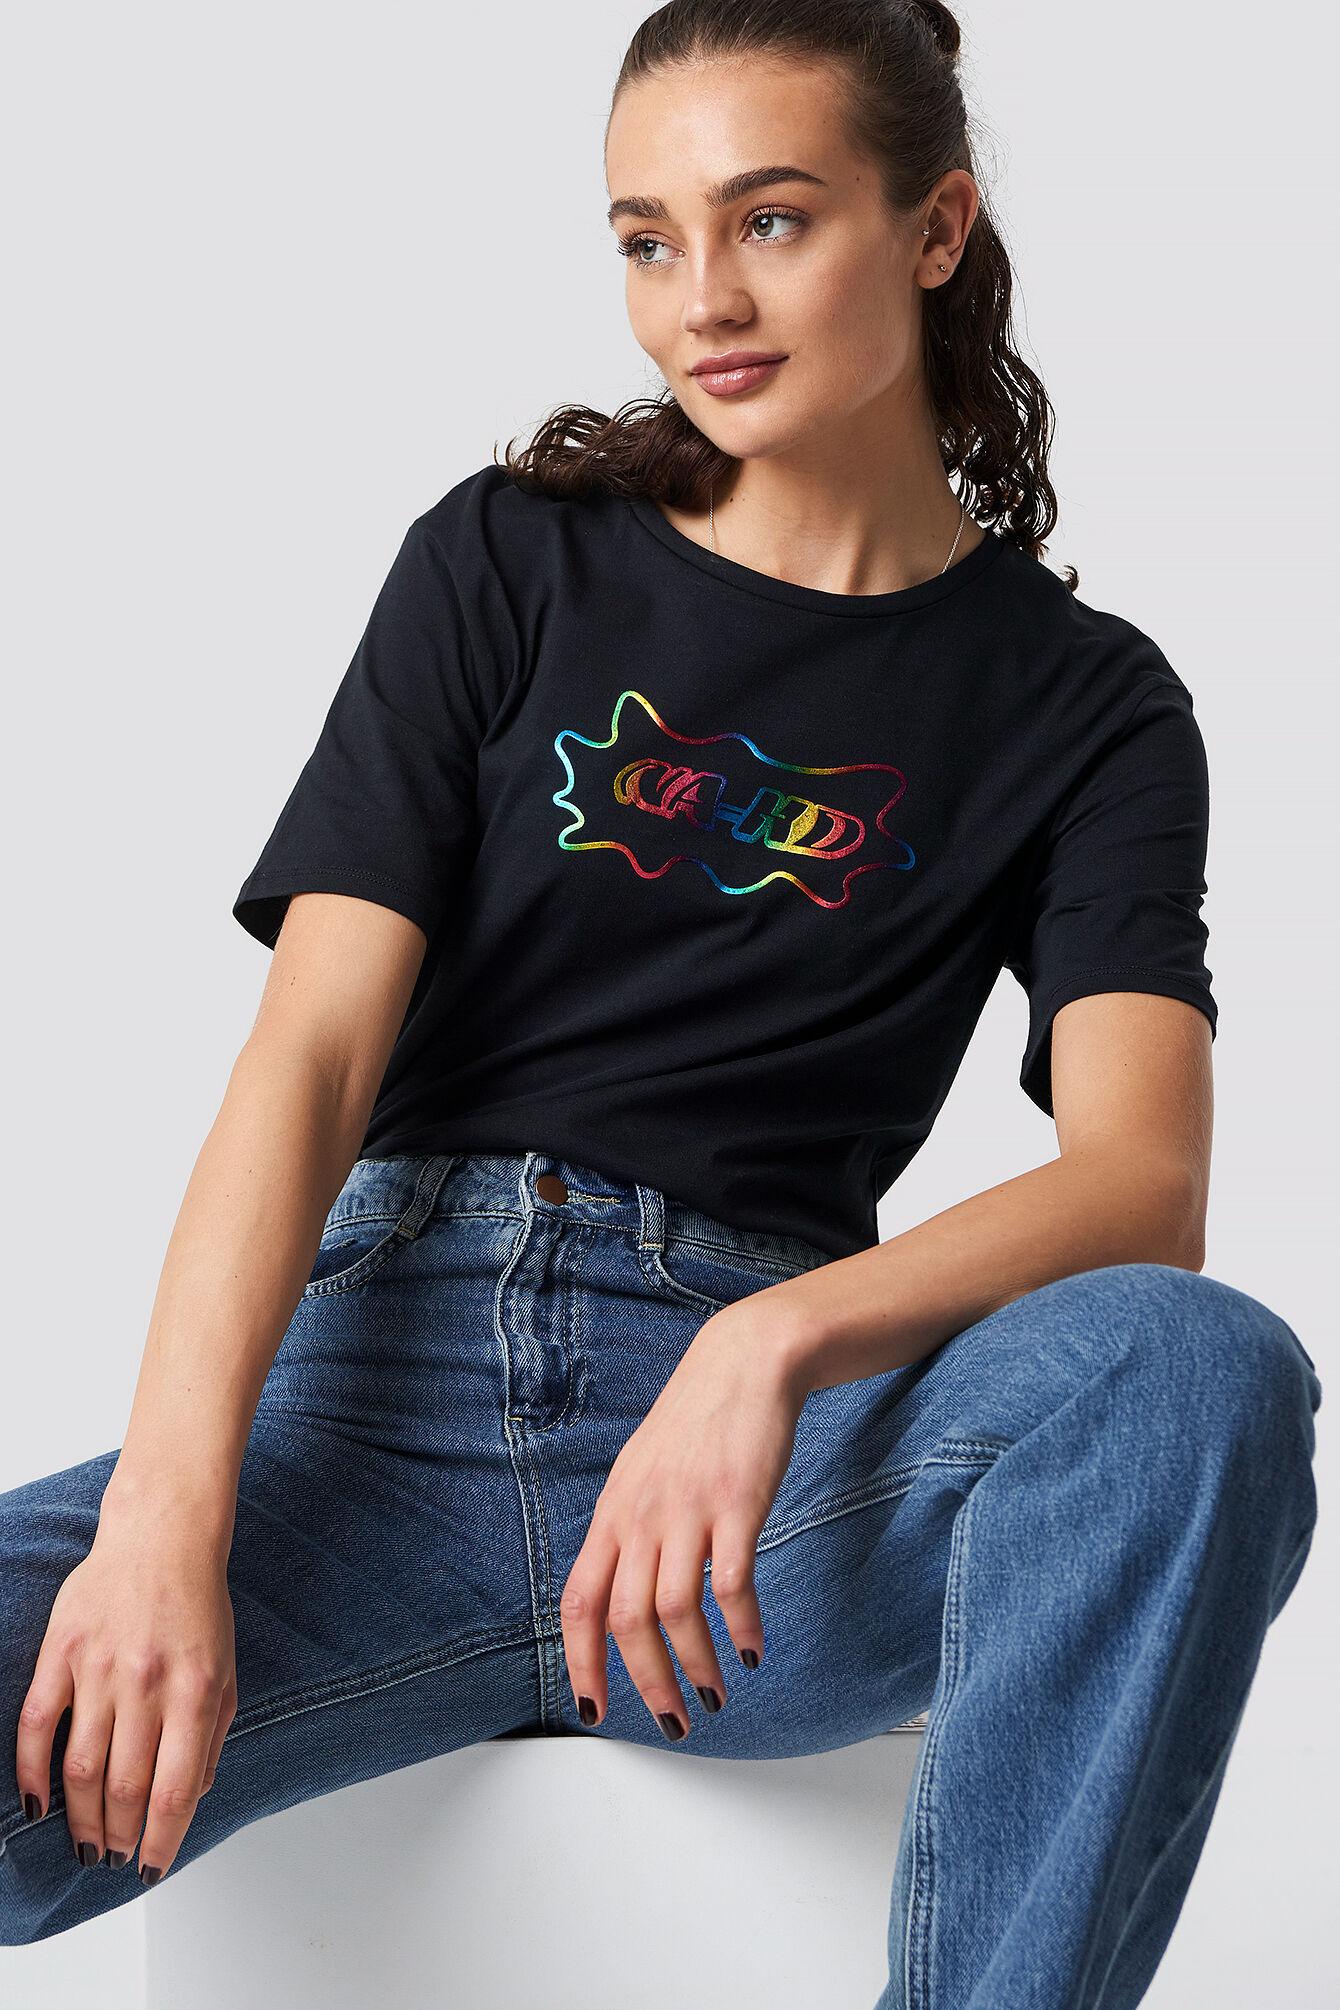 NA-KD Rainbow Unisex Tee - Black